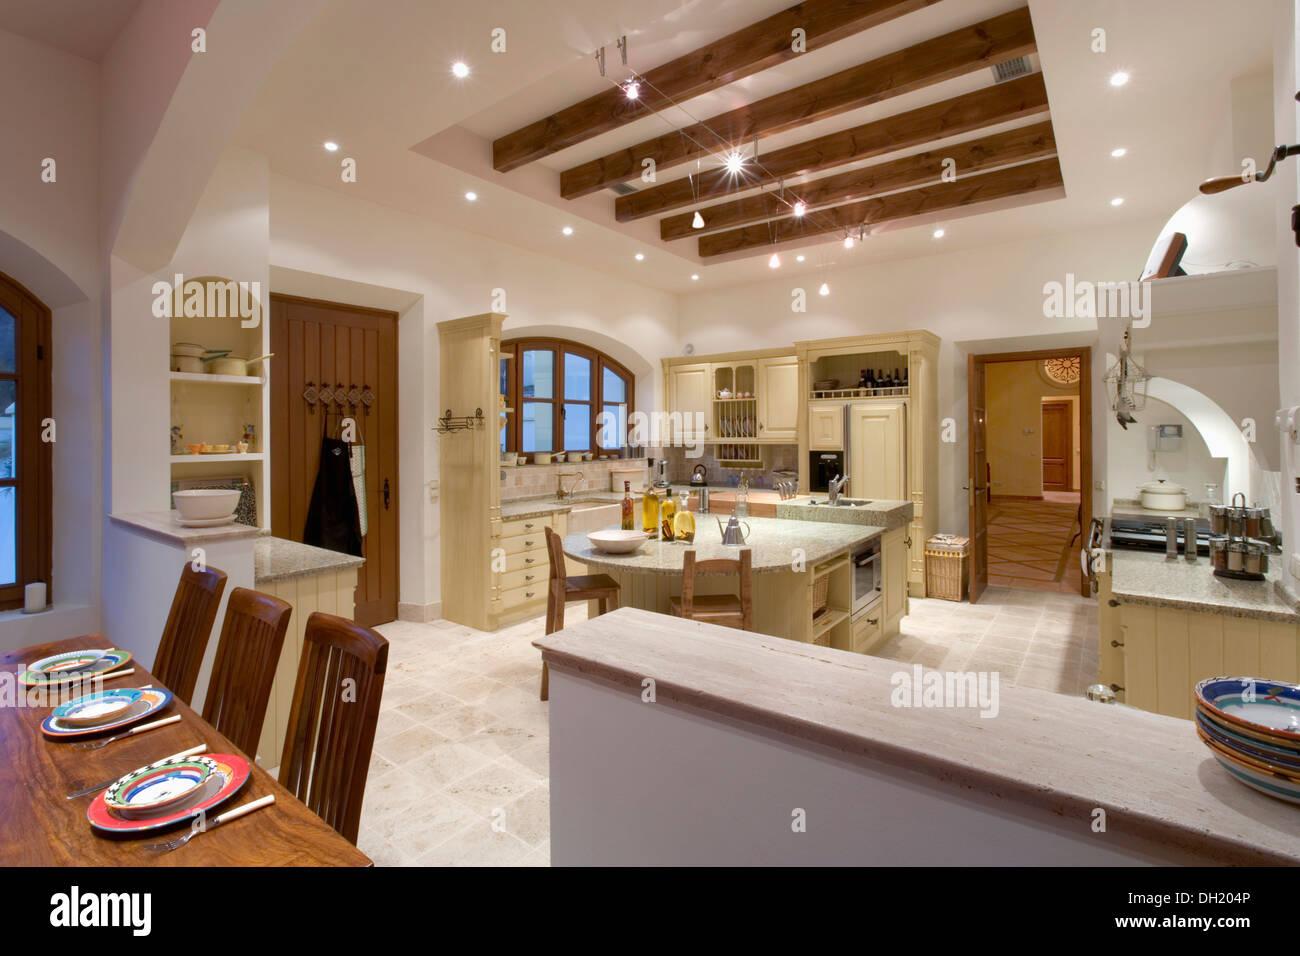 Große Küche Esszimmer in moderne spanische Villa mit Beleuchtung an ...